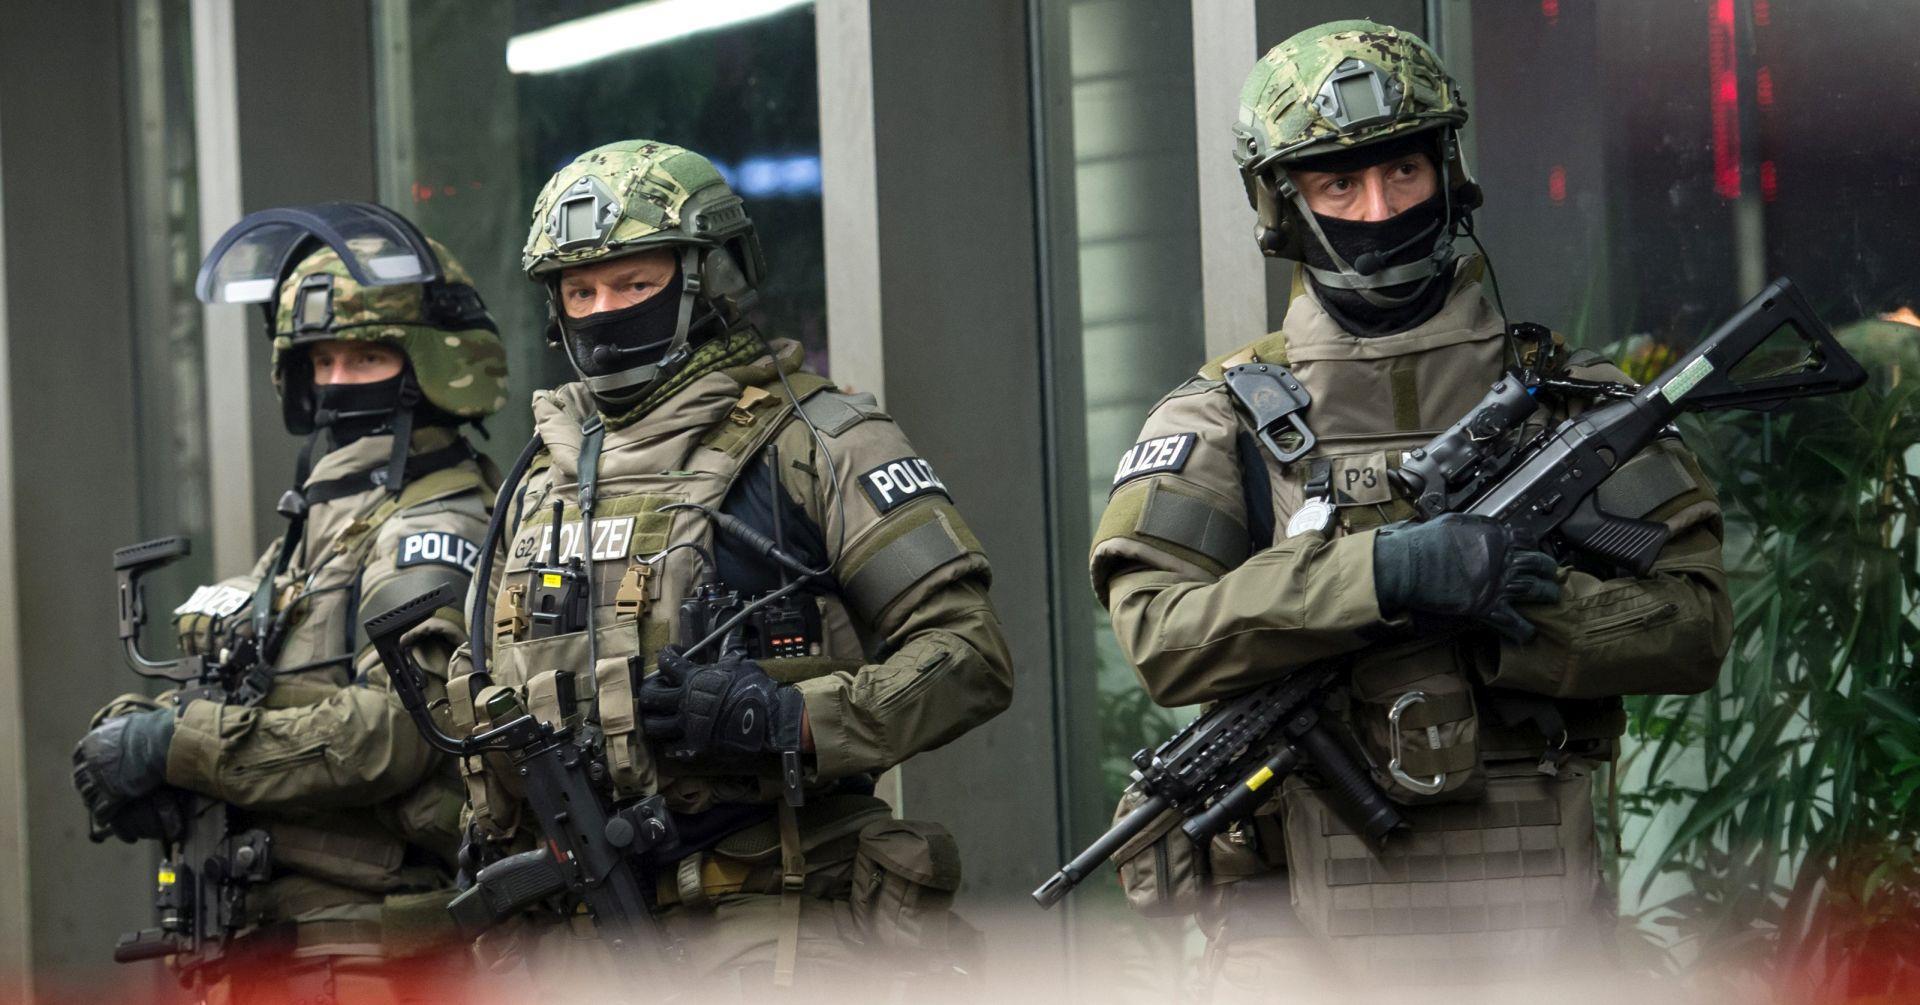 ZAUSTAVLJEN NAPAD U MÜNCHENU Njemačka policija lovi sedmero osumnjičenika, iza napada stoji Islamska država